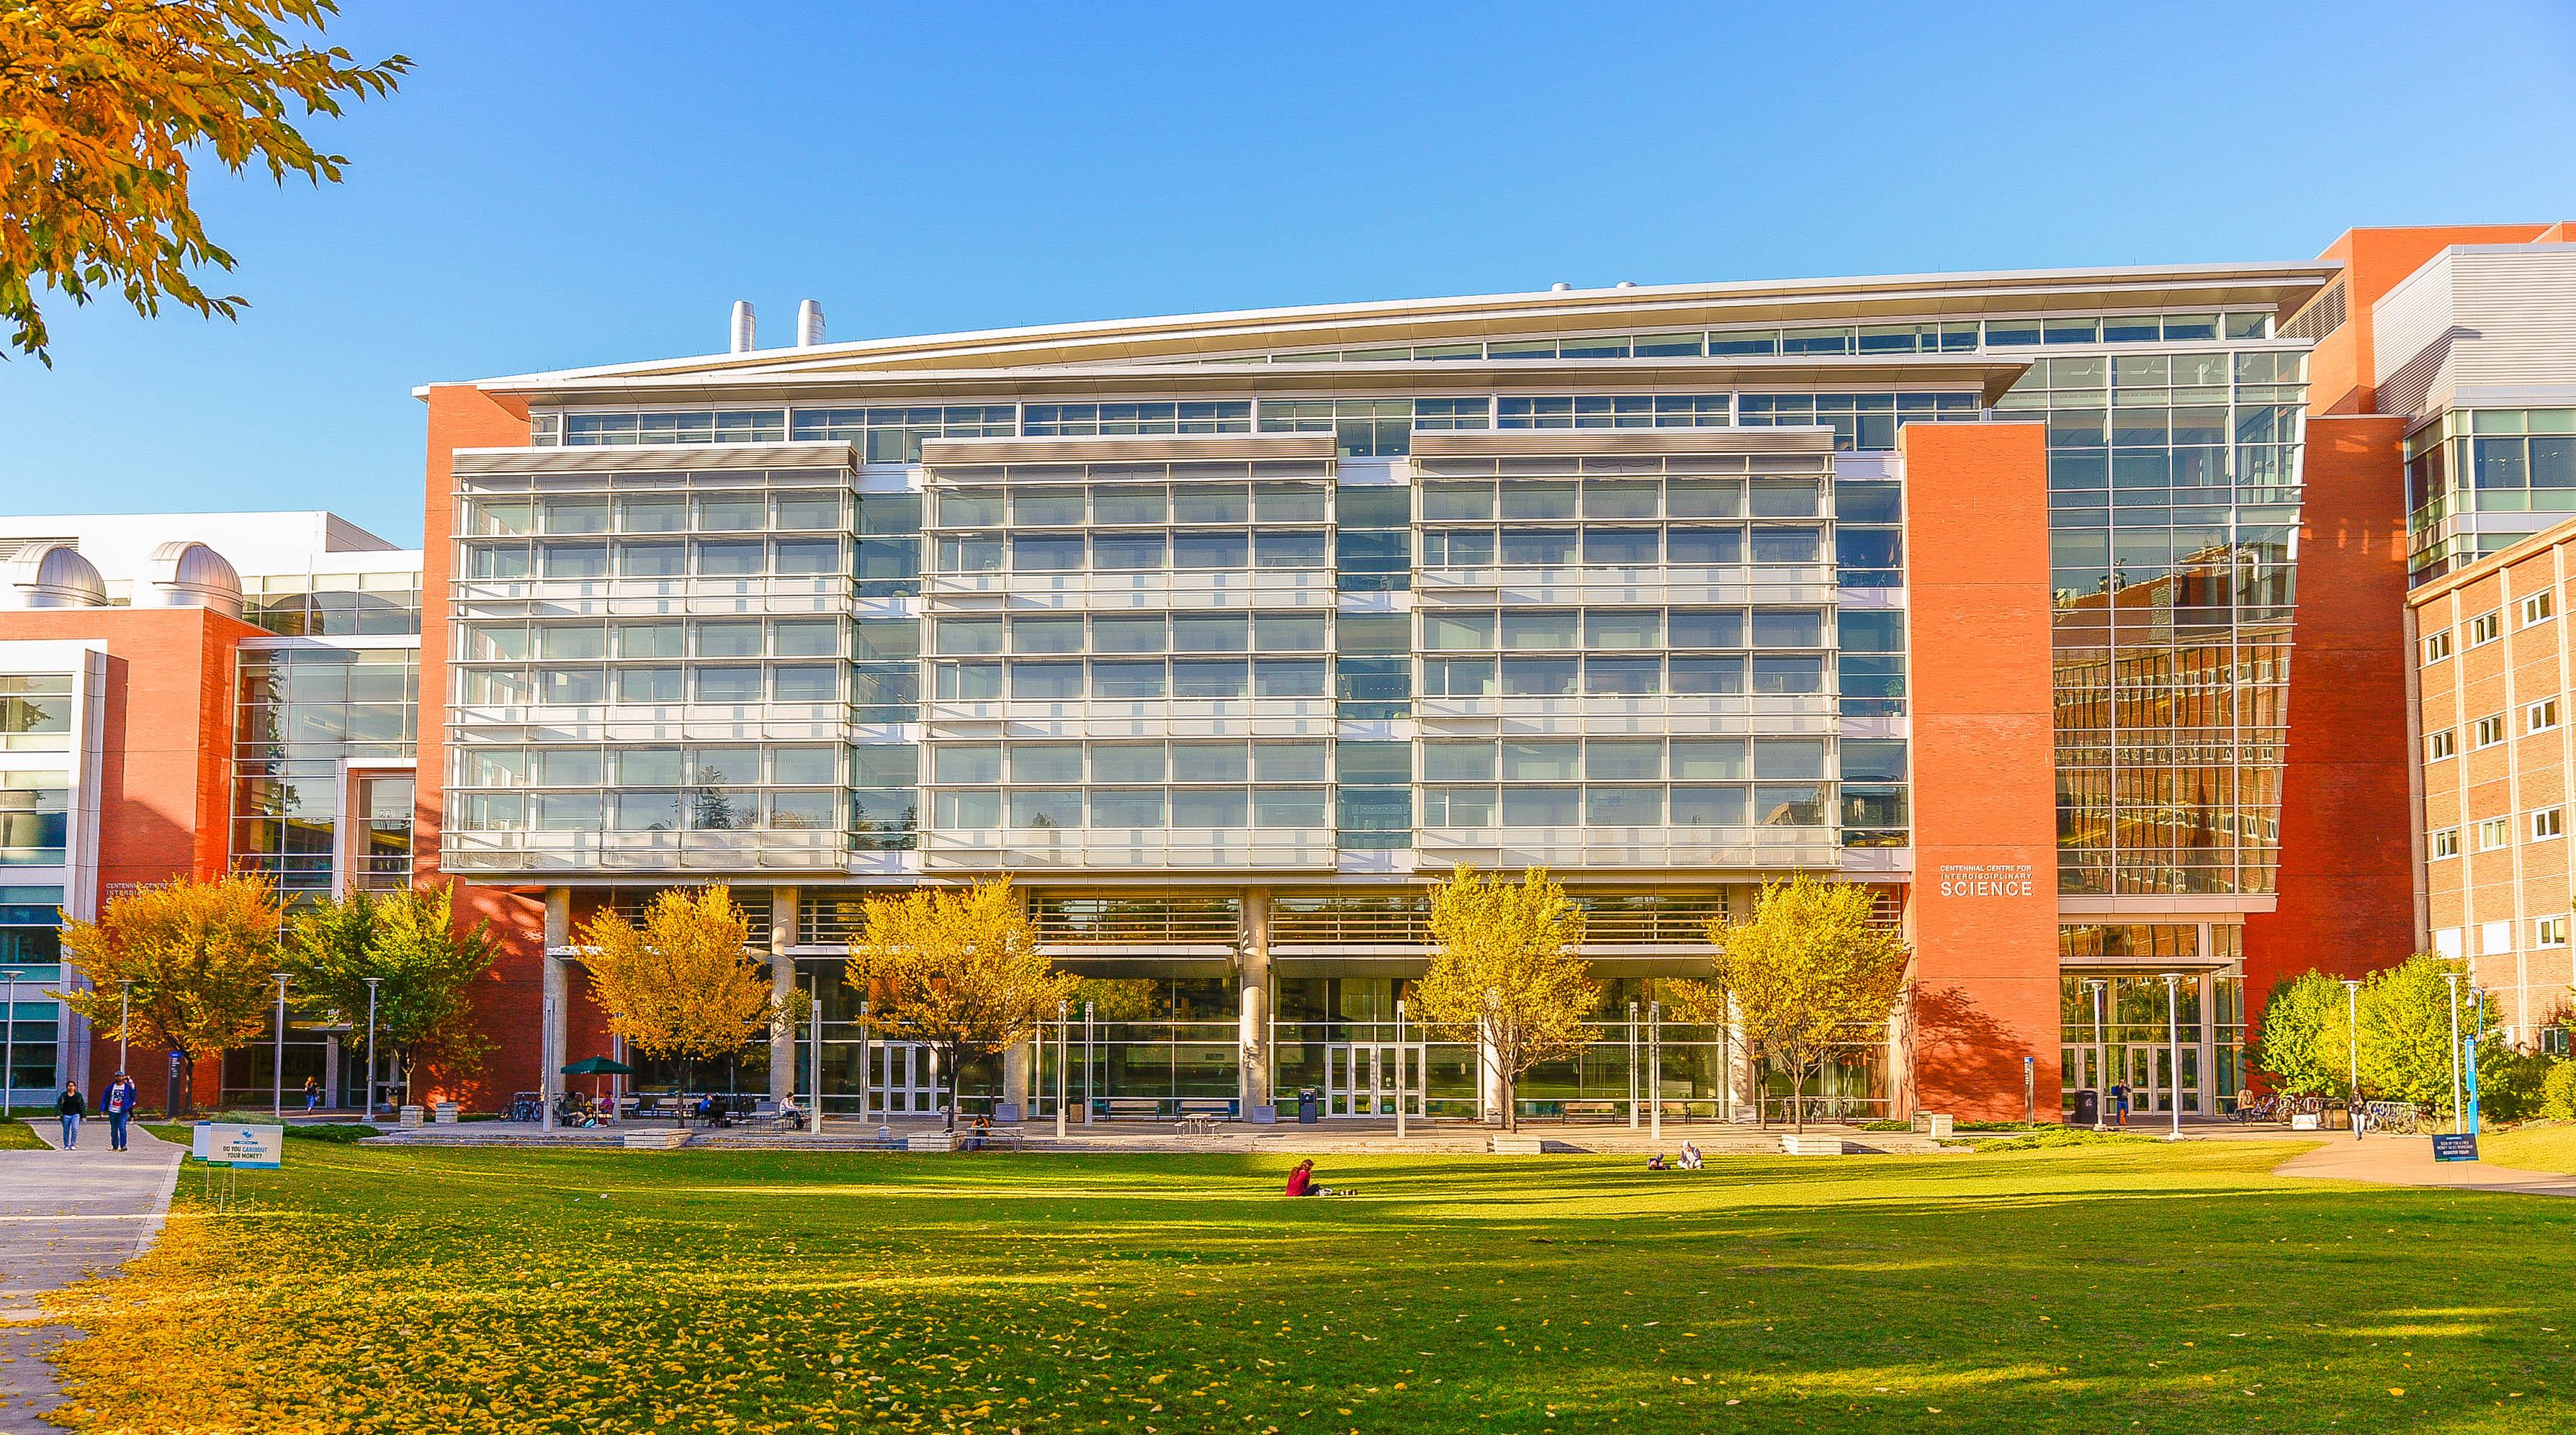 Canada, Alberta, UofA, University of Alberta